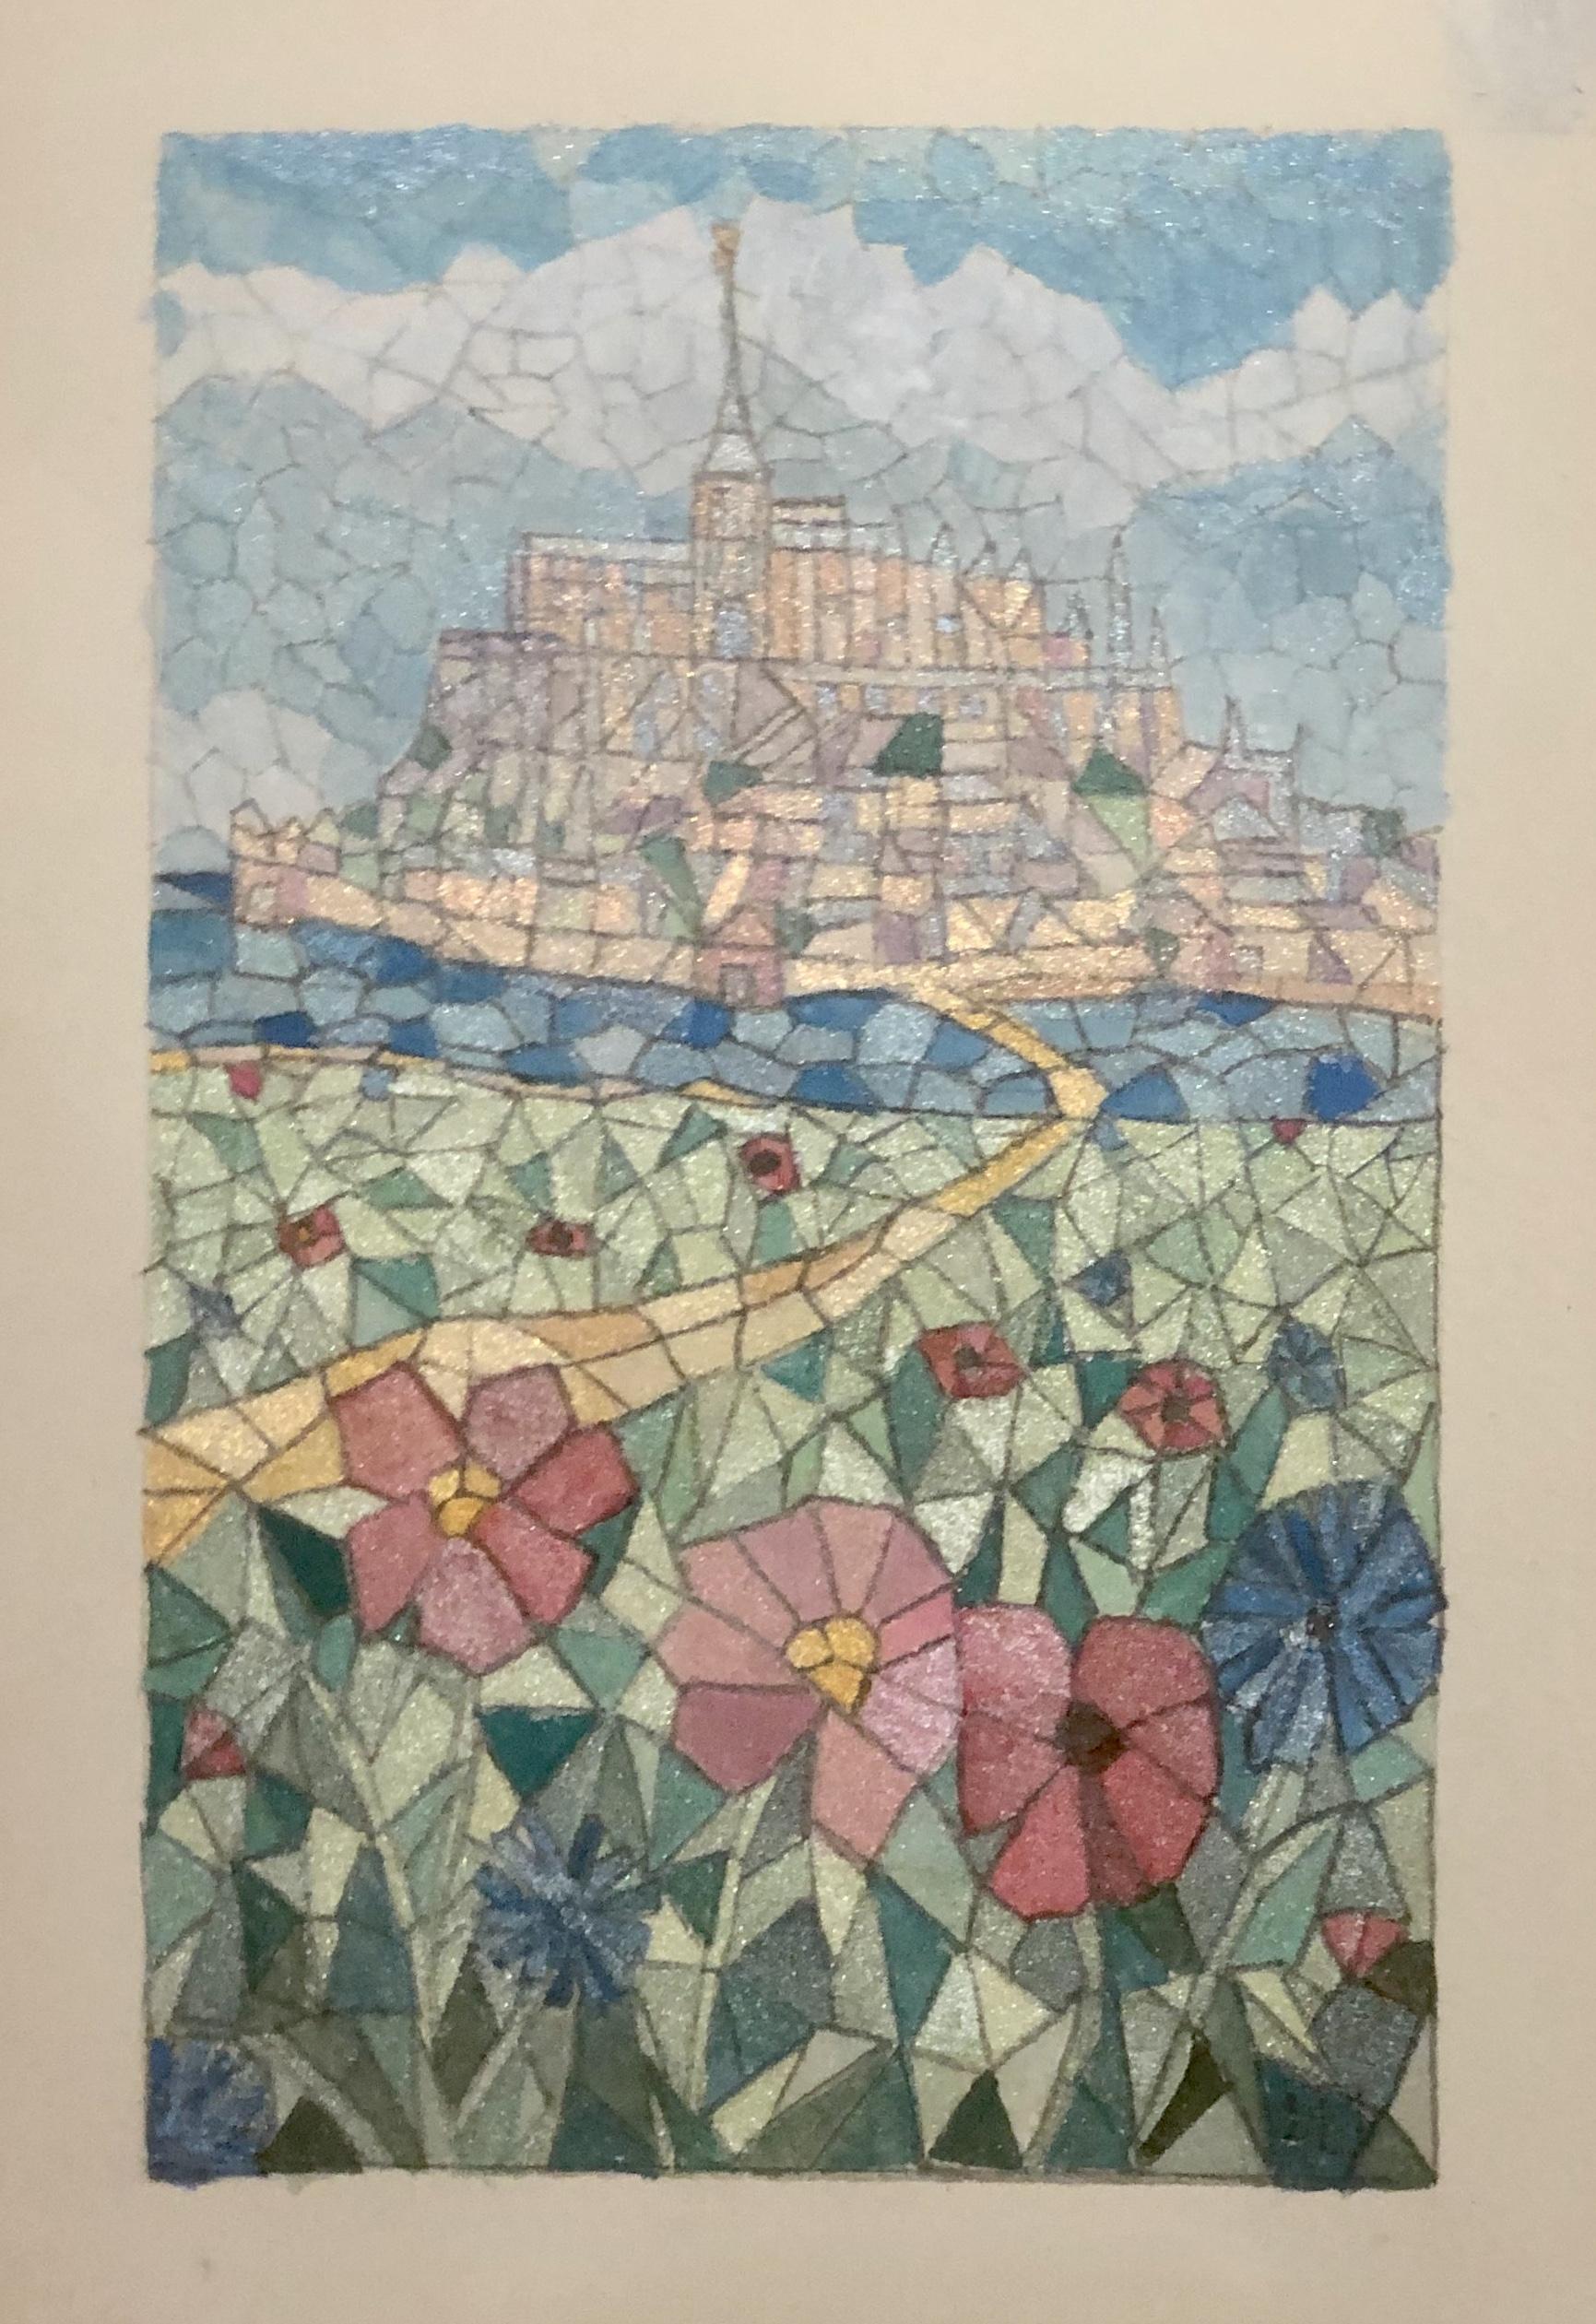 (90) Bev Plowman - Mont Saint Michel Image